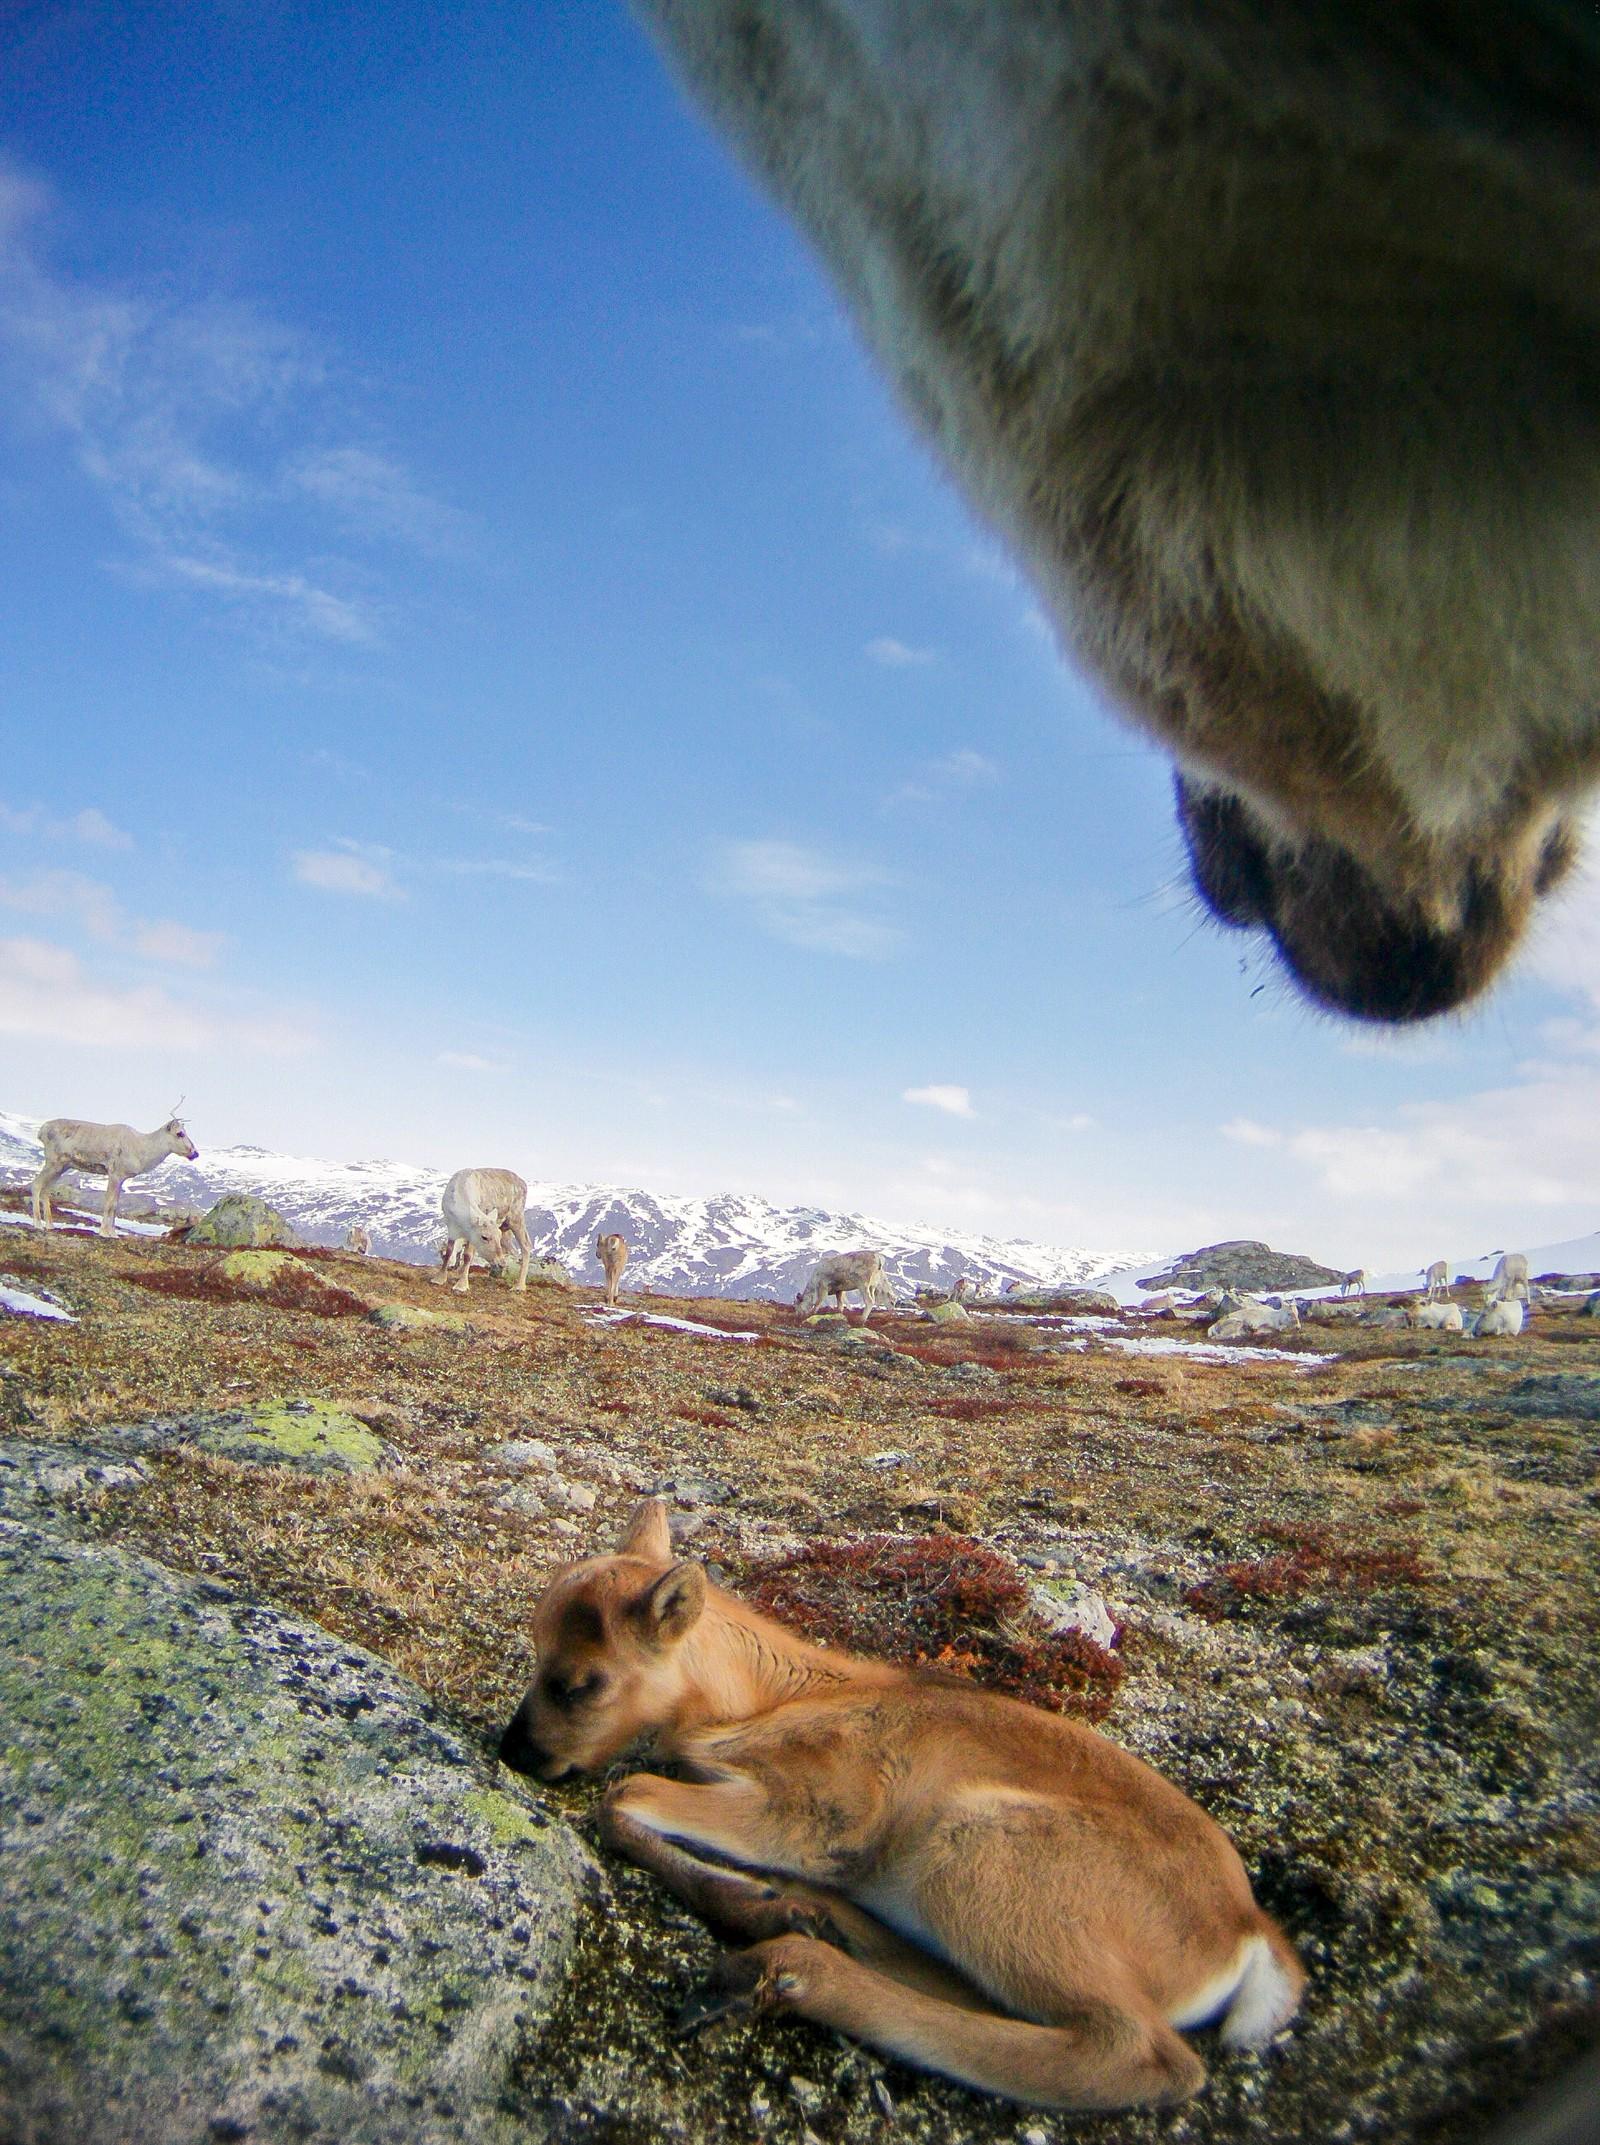 Etter at kalven er født trekker simlen seg litt unna flokken, for å skape et nært forhold til kalven. Når de treffer flokken igjen, er det viktig at de kjenner hverandre godt.